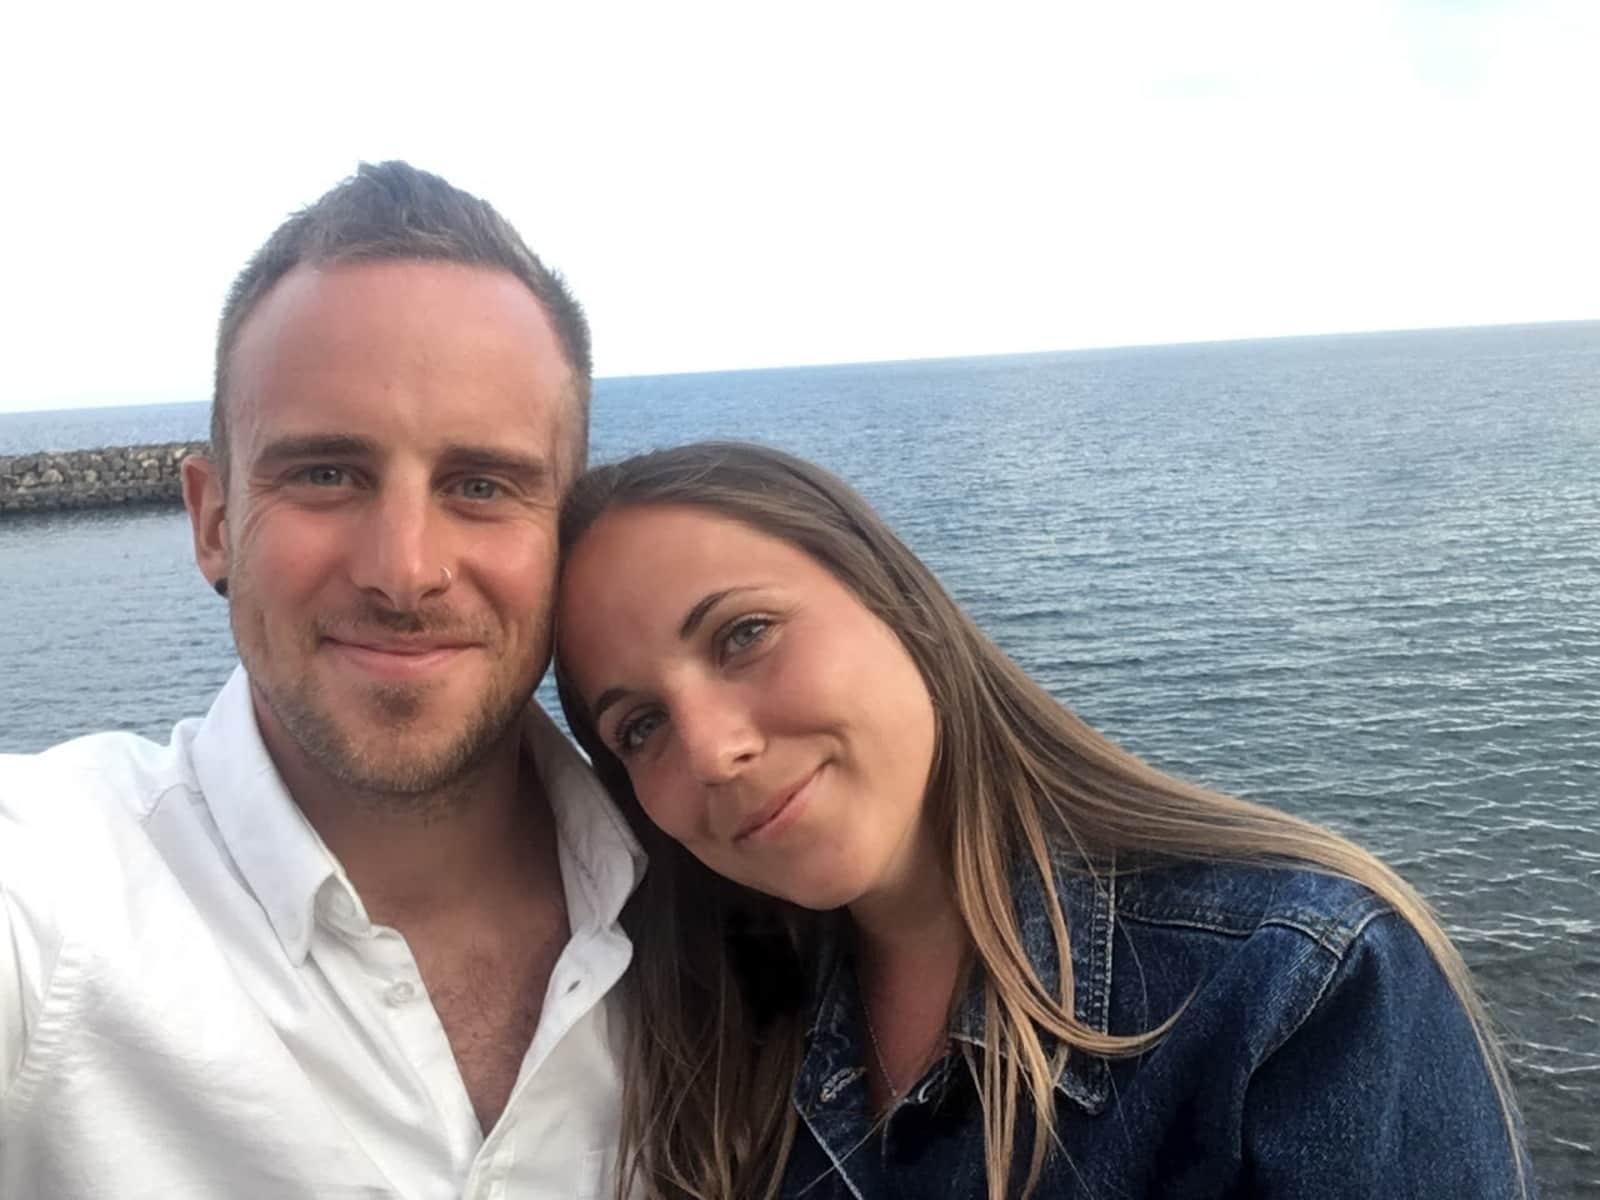 Paddy & Sarah from Horsham, United Kingdom